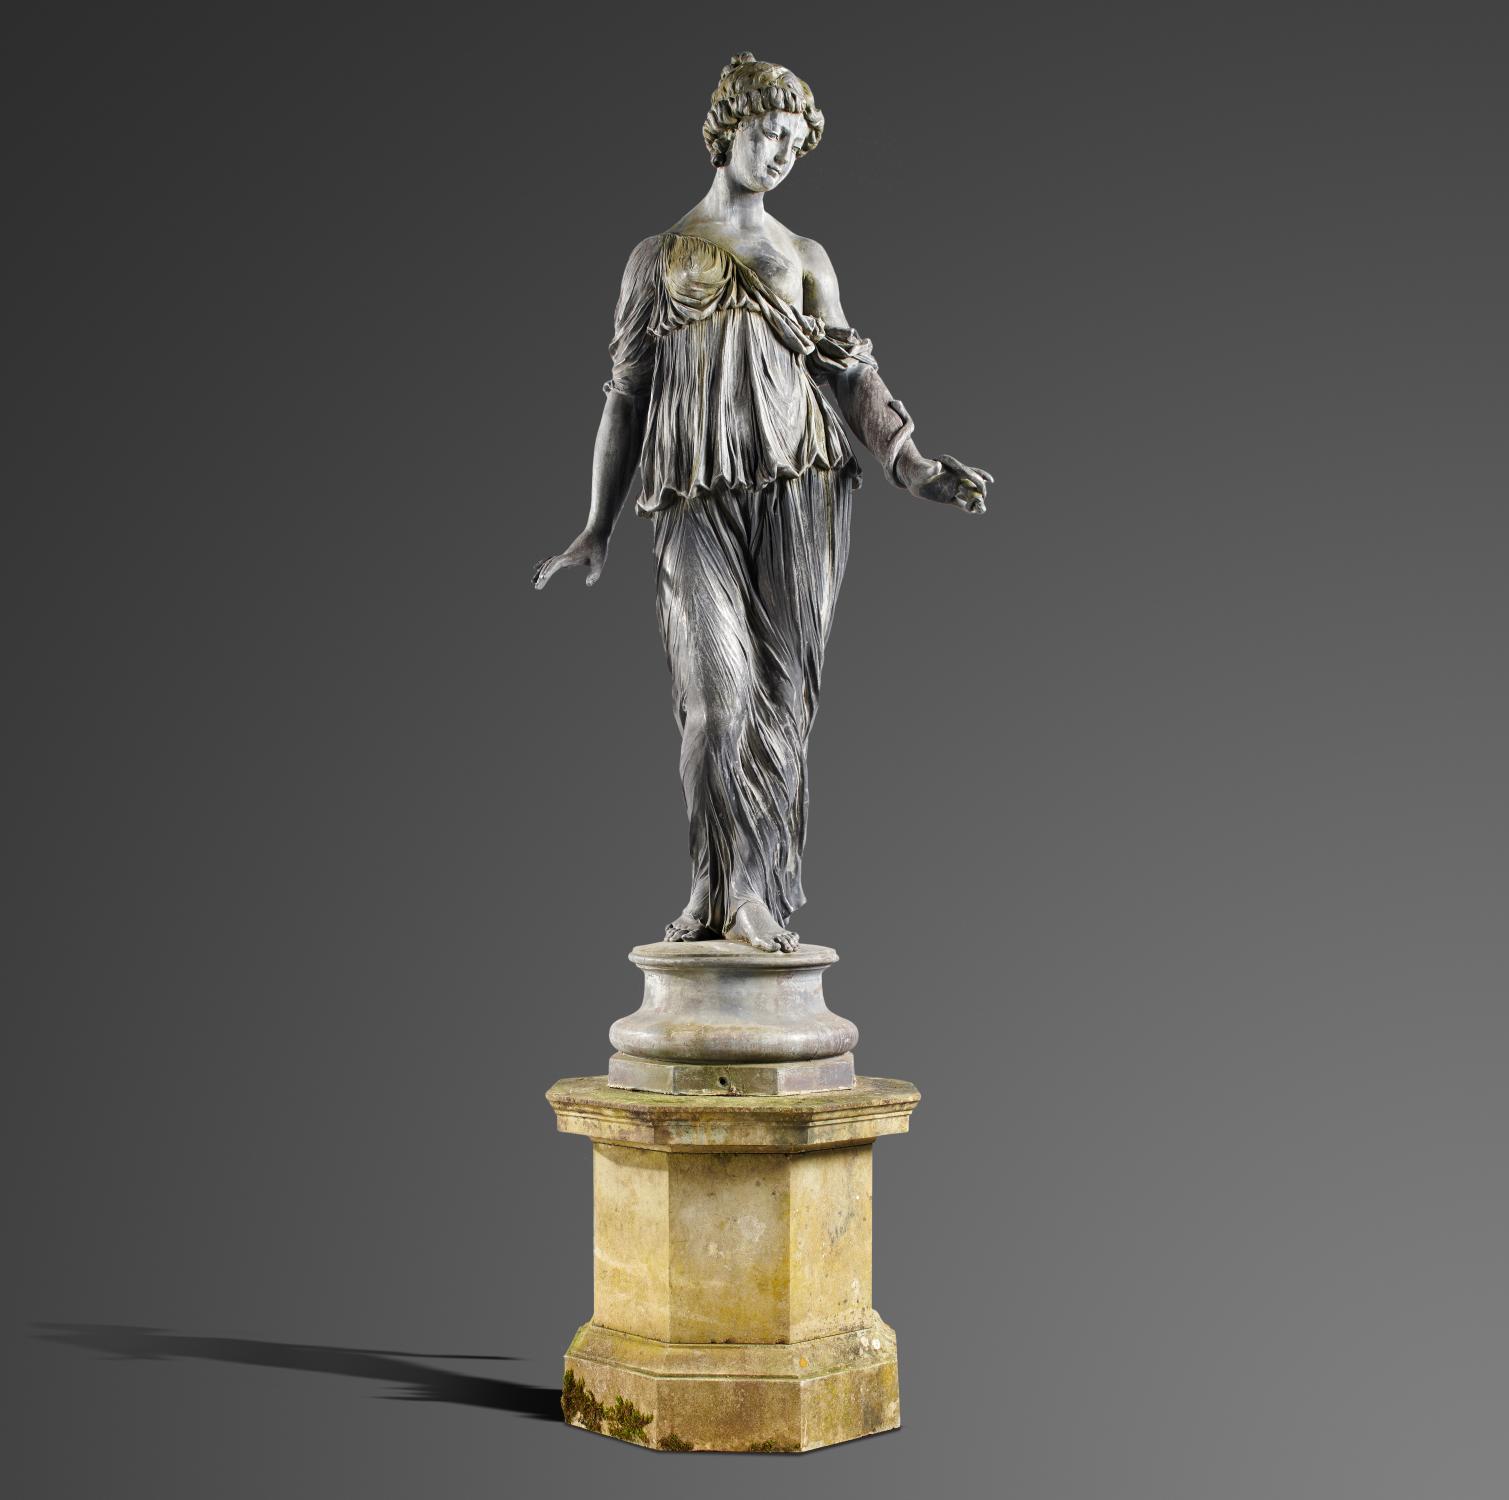 Bromsgrove Guild - Lead figure of Hygieia